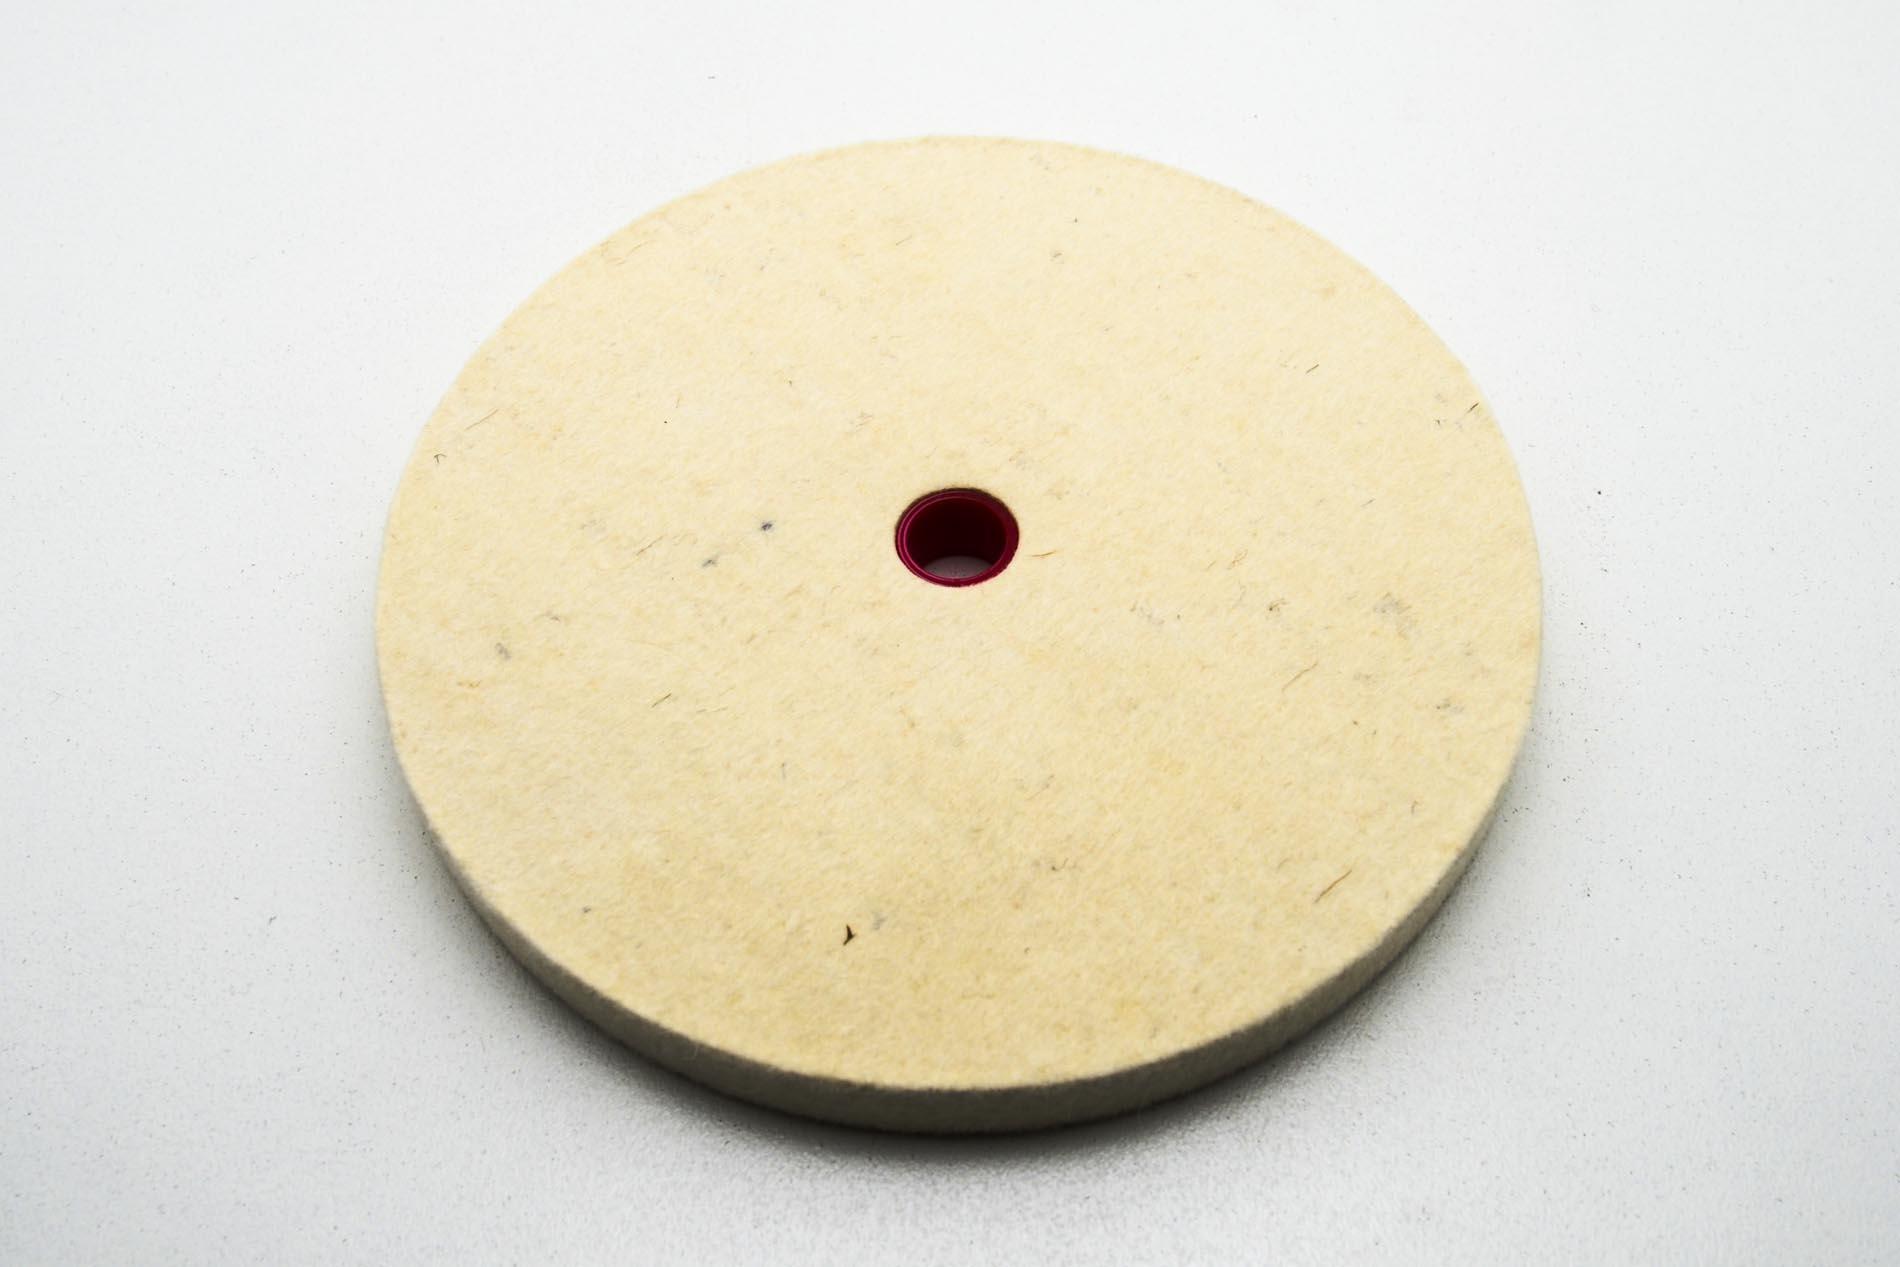 08M40.01-Disco pulir joyeria oro, bronce, cobre, aluminio dureza 5, 12mm, Veritas 08M40.01-max-1.